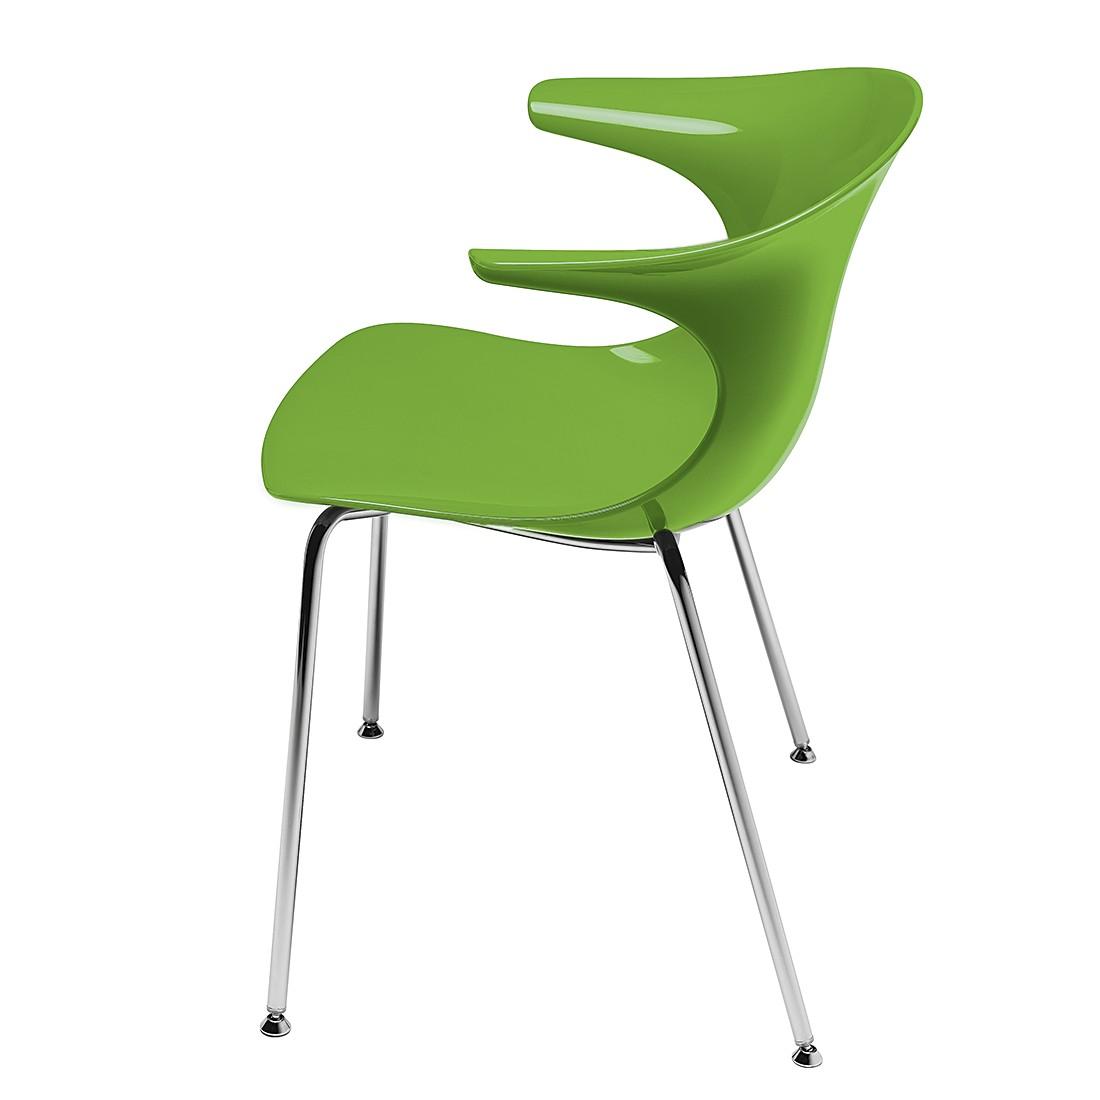 feodor drehstuhl mit armlehnen wei ikea tipps vom einrichter. Black Bedroom Furniture Sets. Home Design Ideas